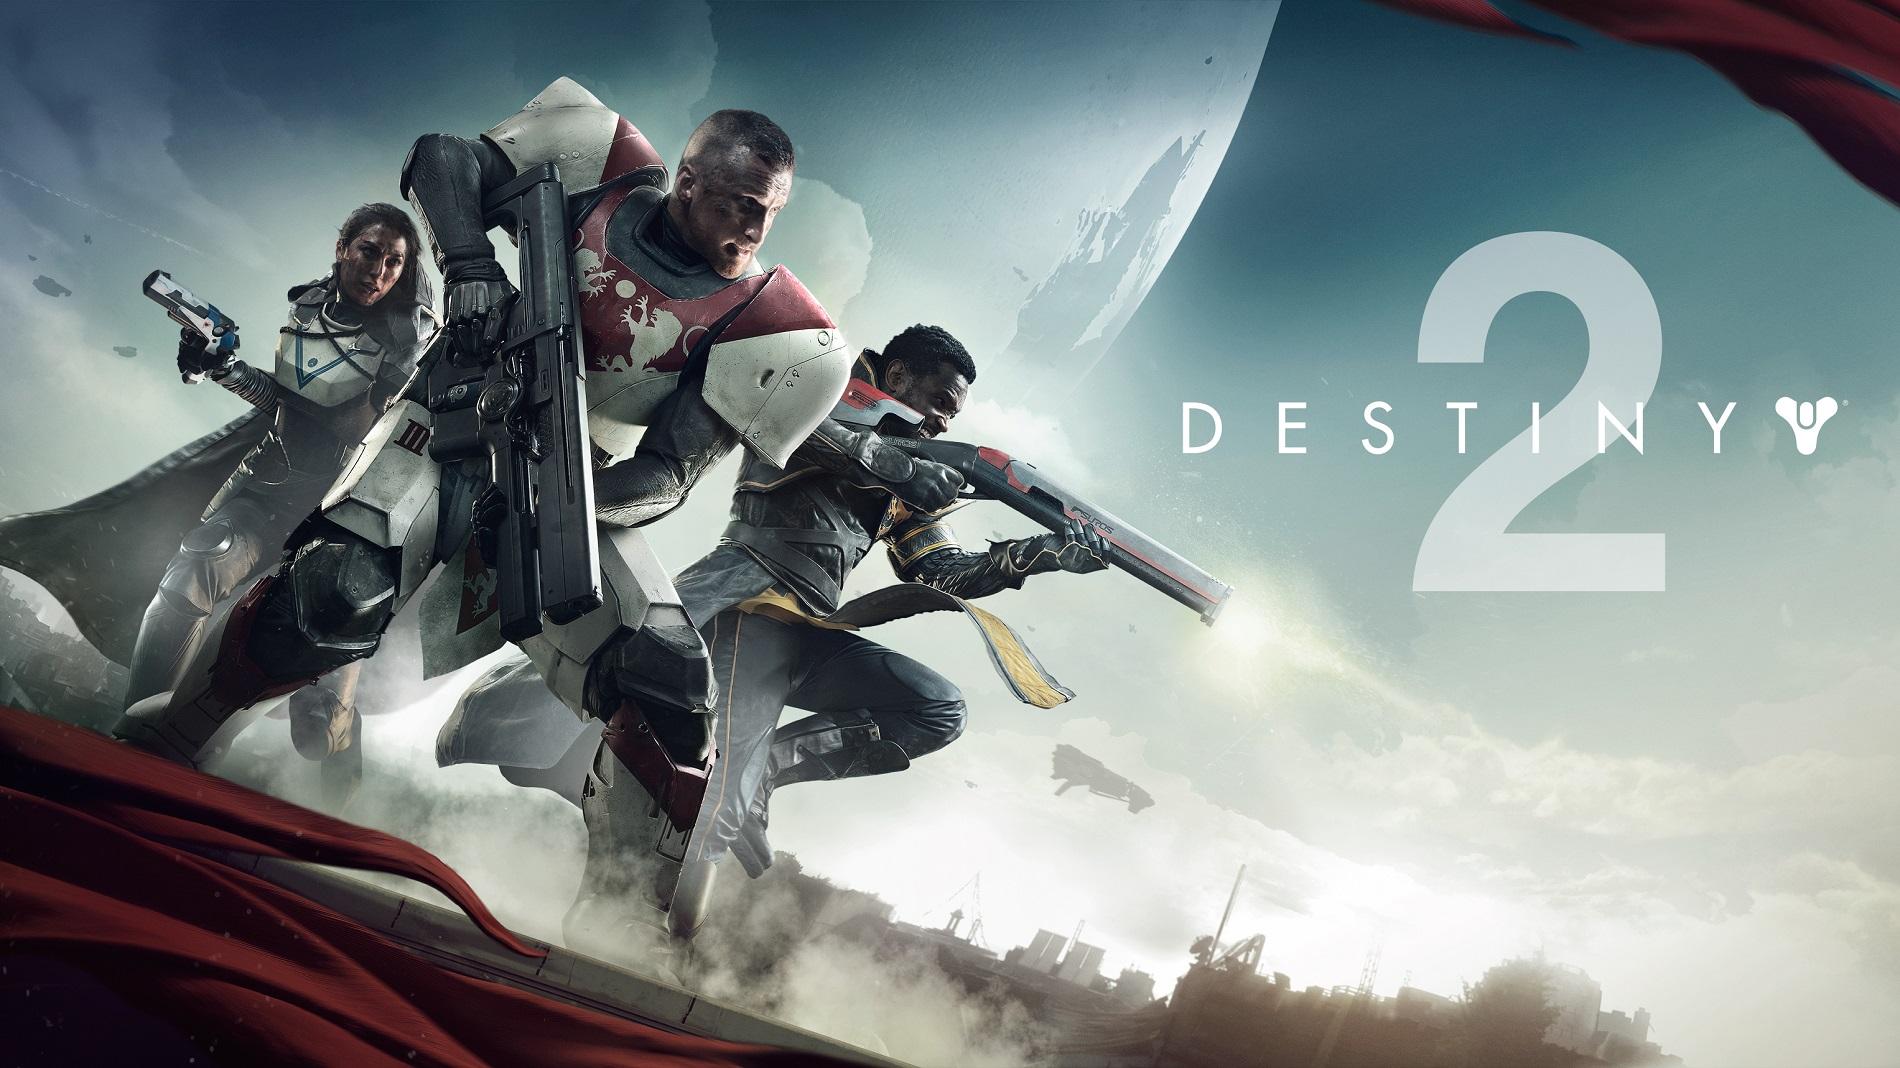 تحلیل فنی | بررسی کامل عملکرد بازی Destiny 2 با سختافزارها و حالتهای مختلف